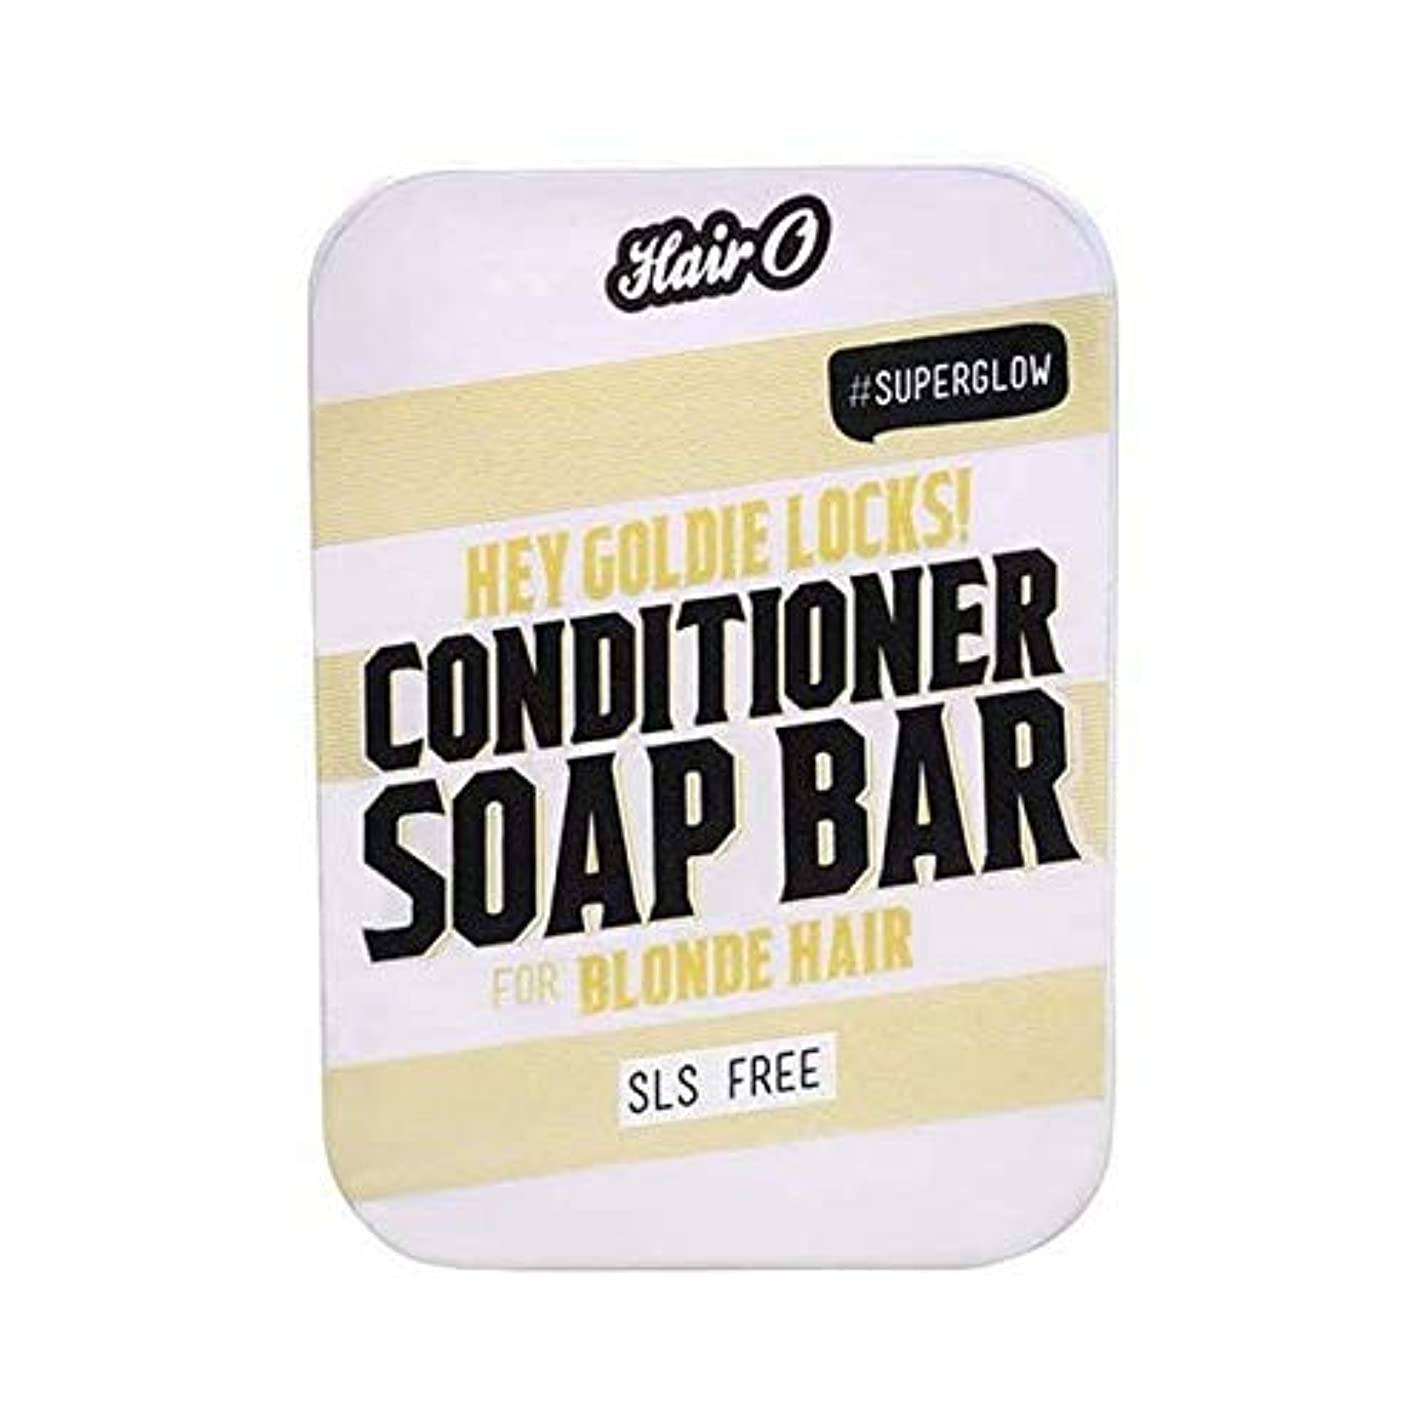 依存するリテラシー下着[Hair O ] 髪ちょっとOゴールディロックCondtioner石鹸バー100グラム - Hair O Hey Goldie Locks Condtioner Soap Bar 100g [並行輸入品]